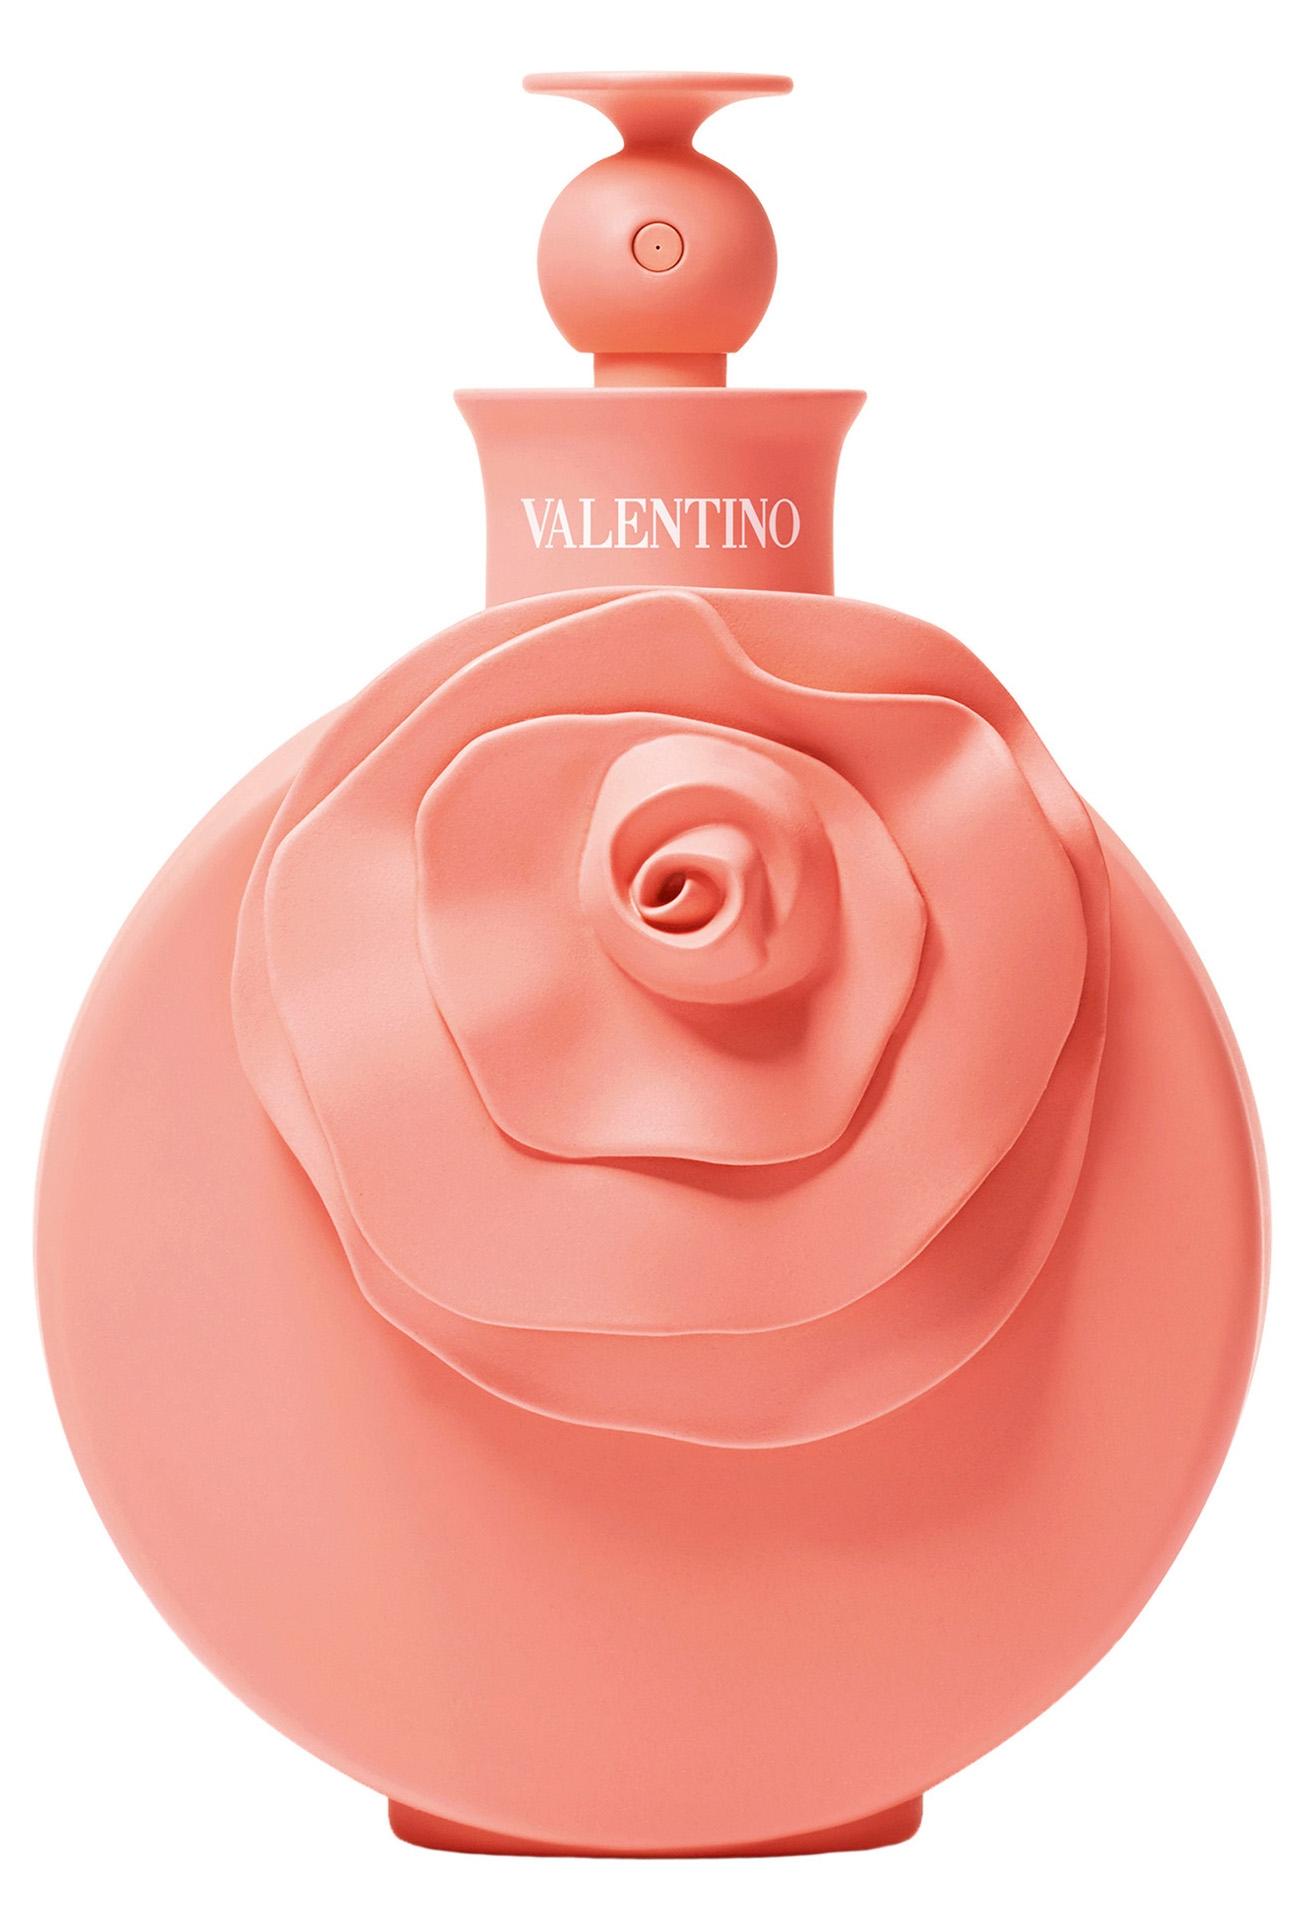 Valentino Valentina Blush (W) edp 80ml